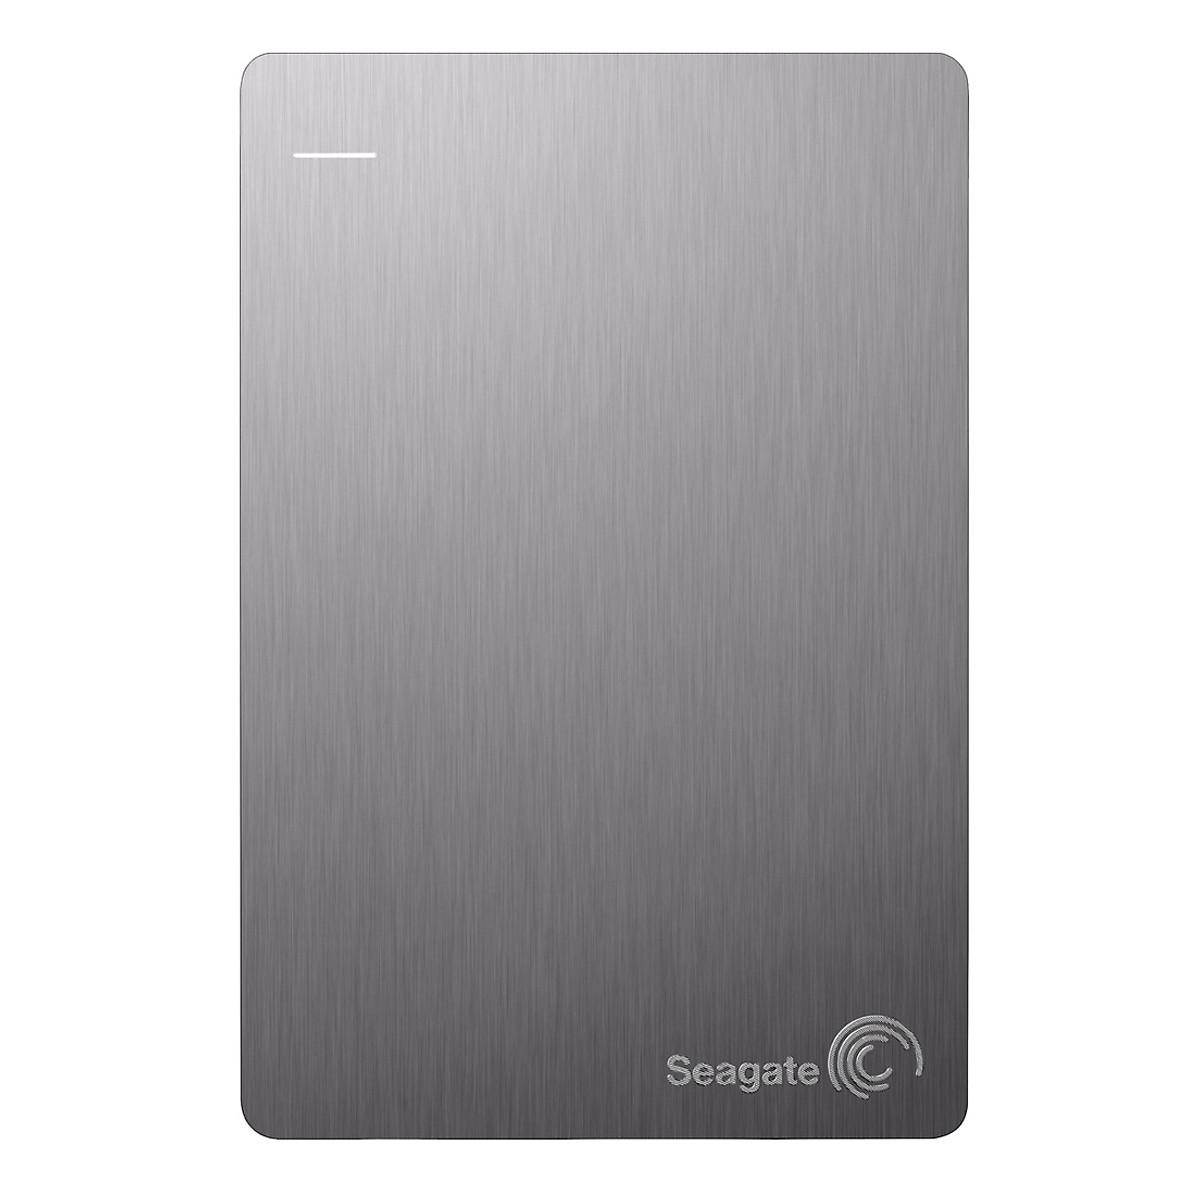 Ổ Cứng Di Động Seagate Backup Slim 500GB – USB 3.0 – Hàng Chính Hãng